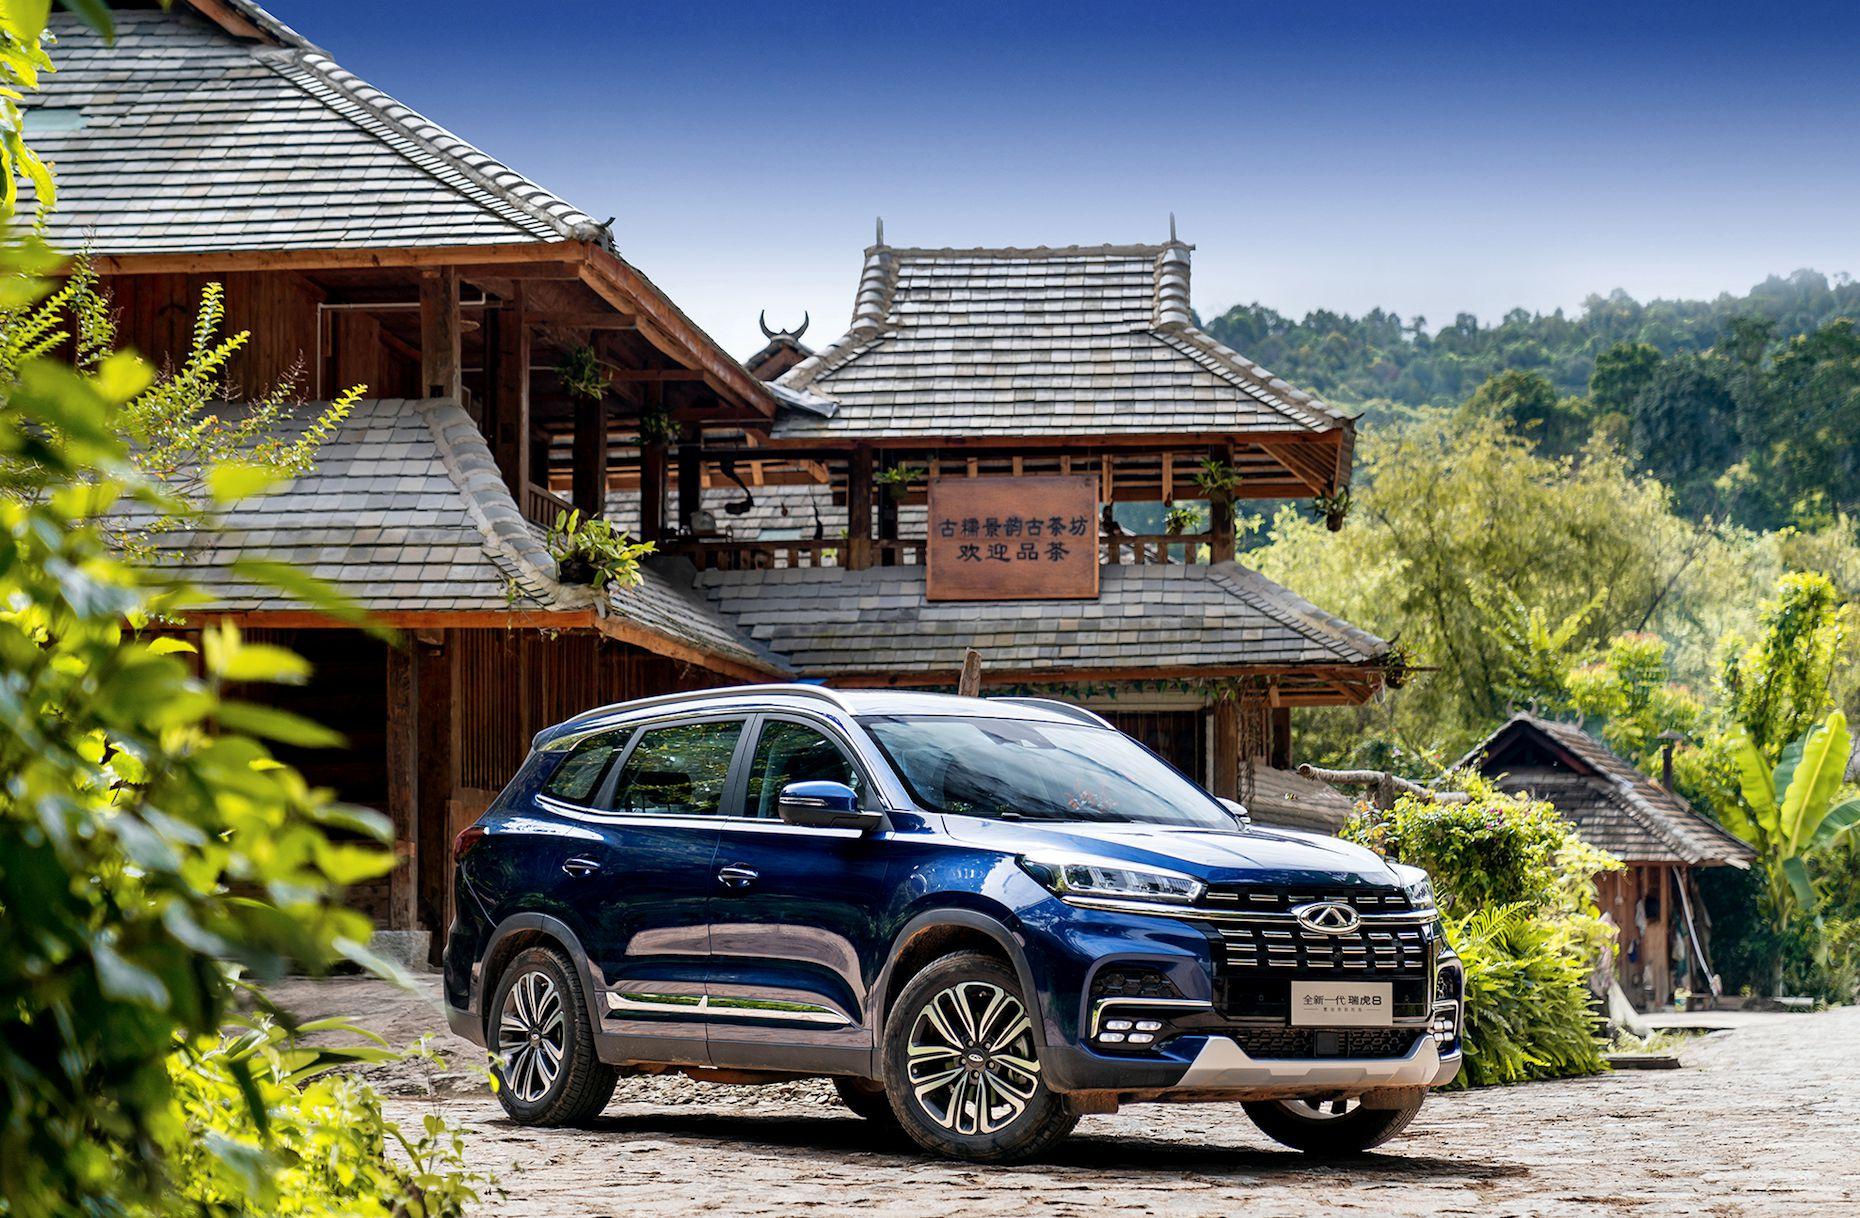 產品力大幅提升 奇瑞汽車前三季度銷量持續增長